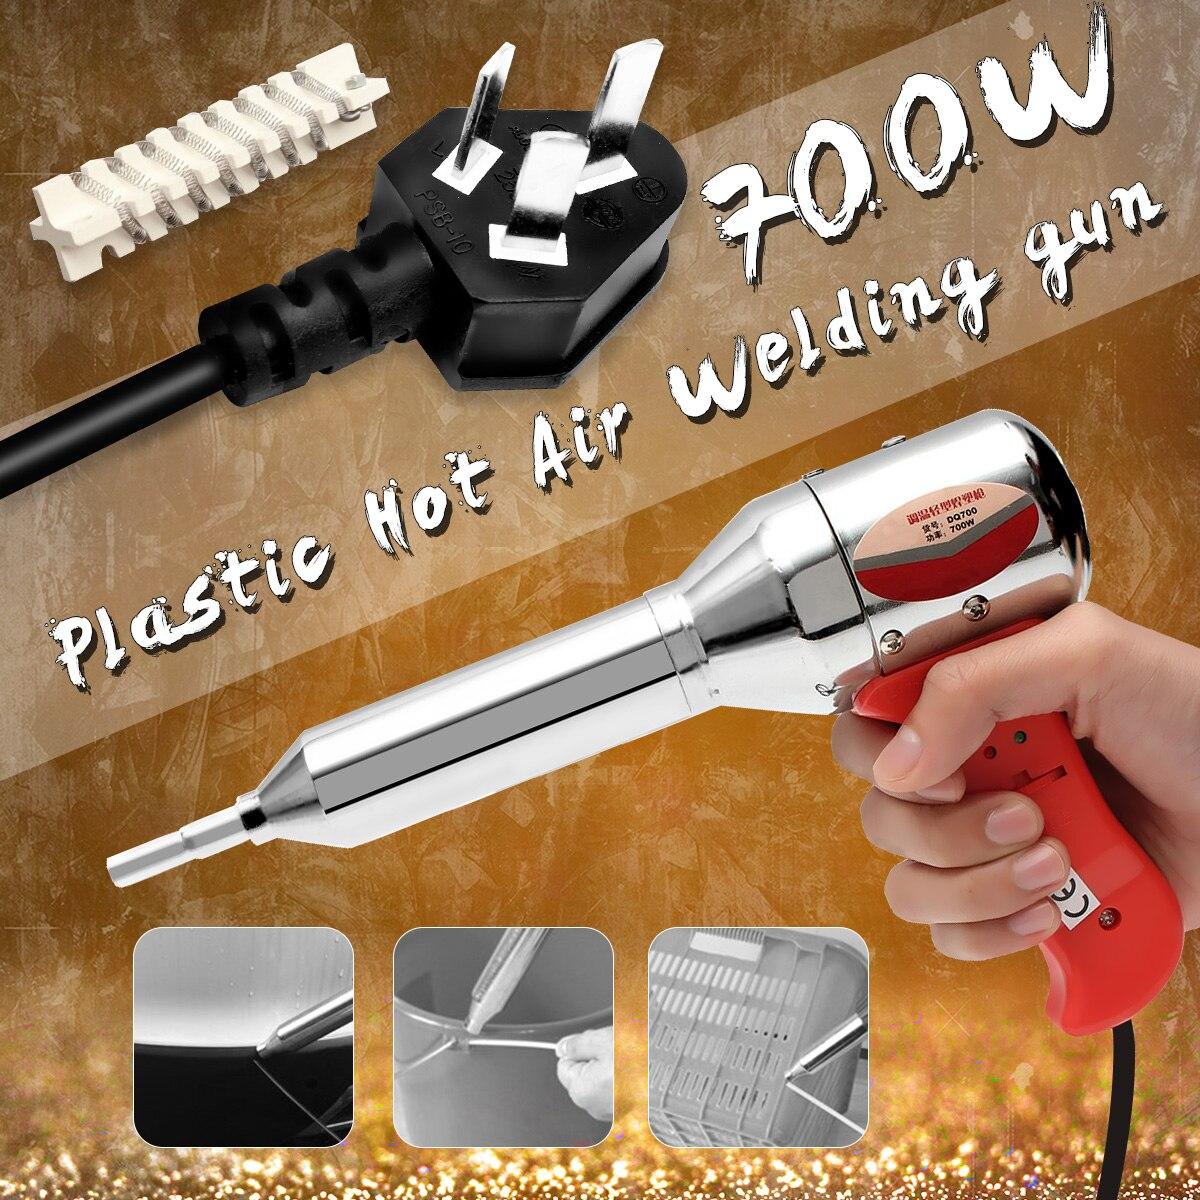 Offre spéciale Portable 700 W AC 220-240 V rouge en plastique Air chaud pistolet de soudage température chaleur 100-450 degrés avec chauffage en céramique